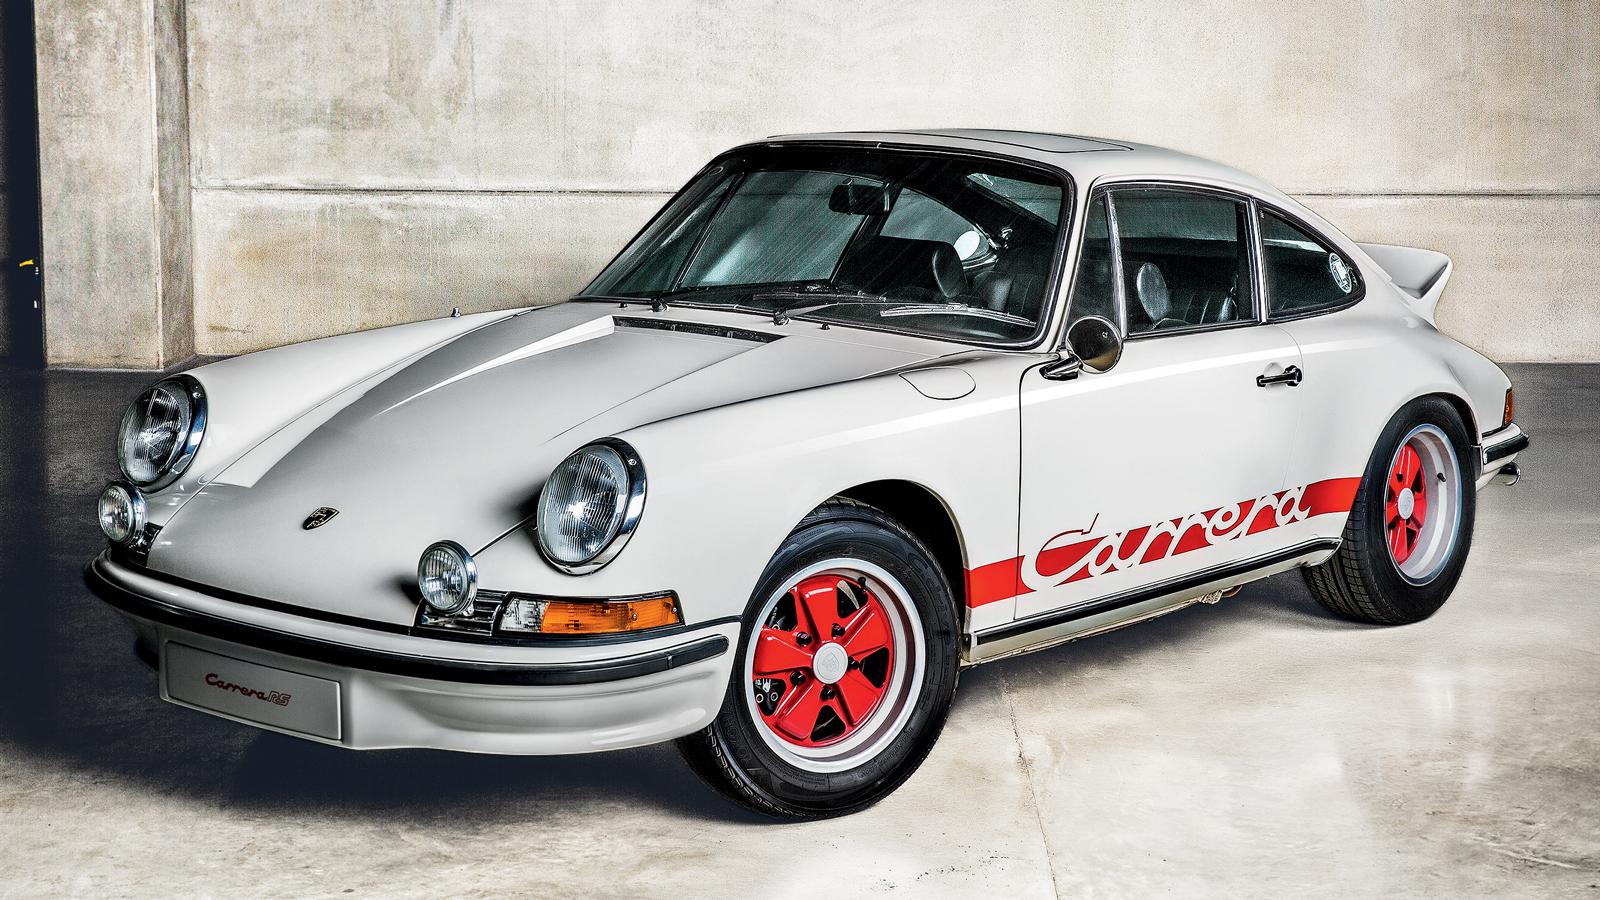 O RS era um 911 melhorado em peso, motor e aerodinâmica